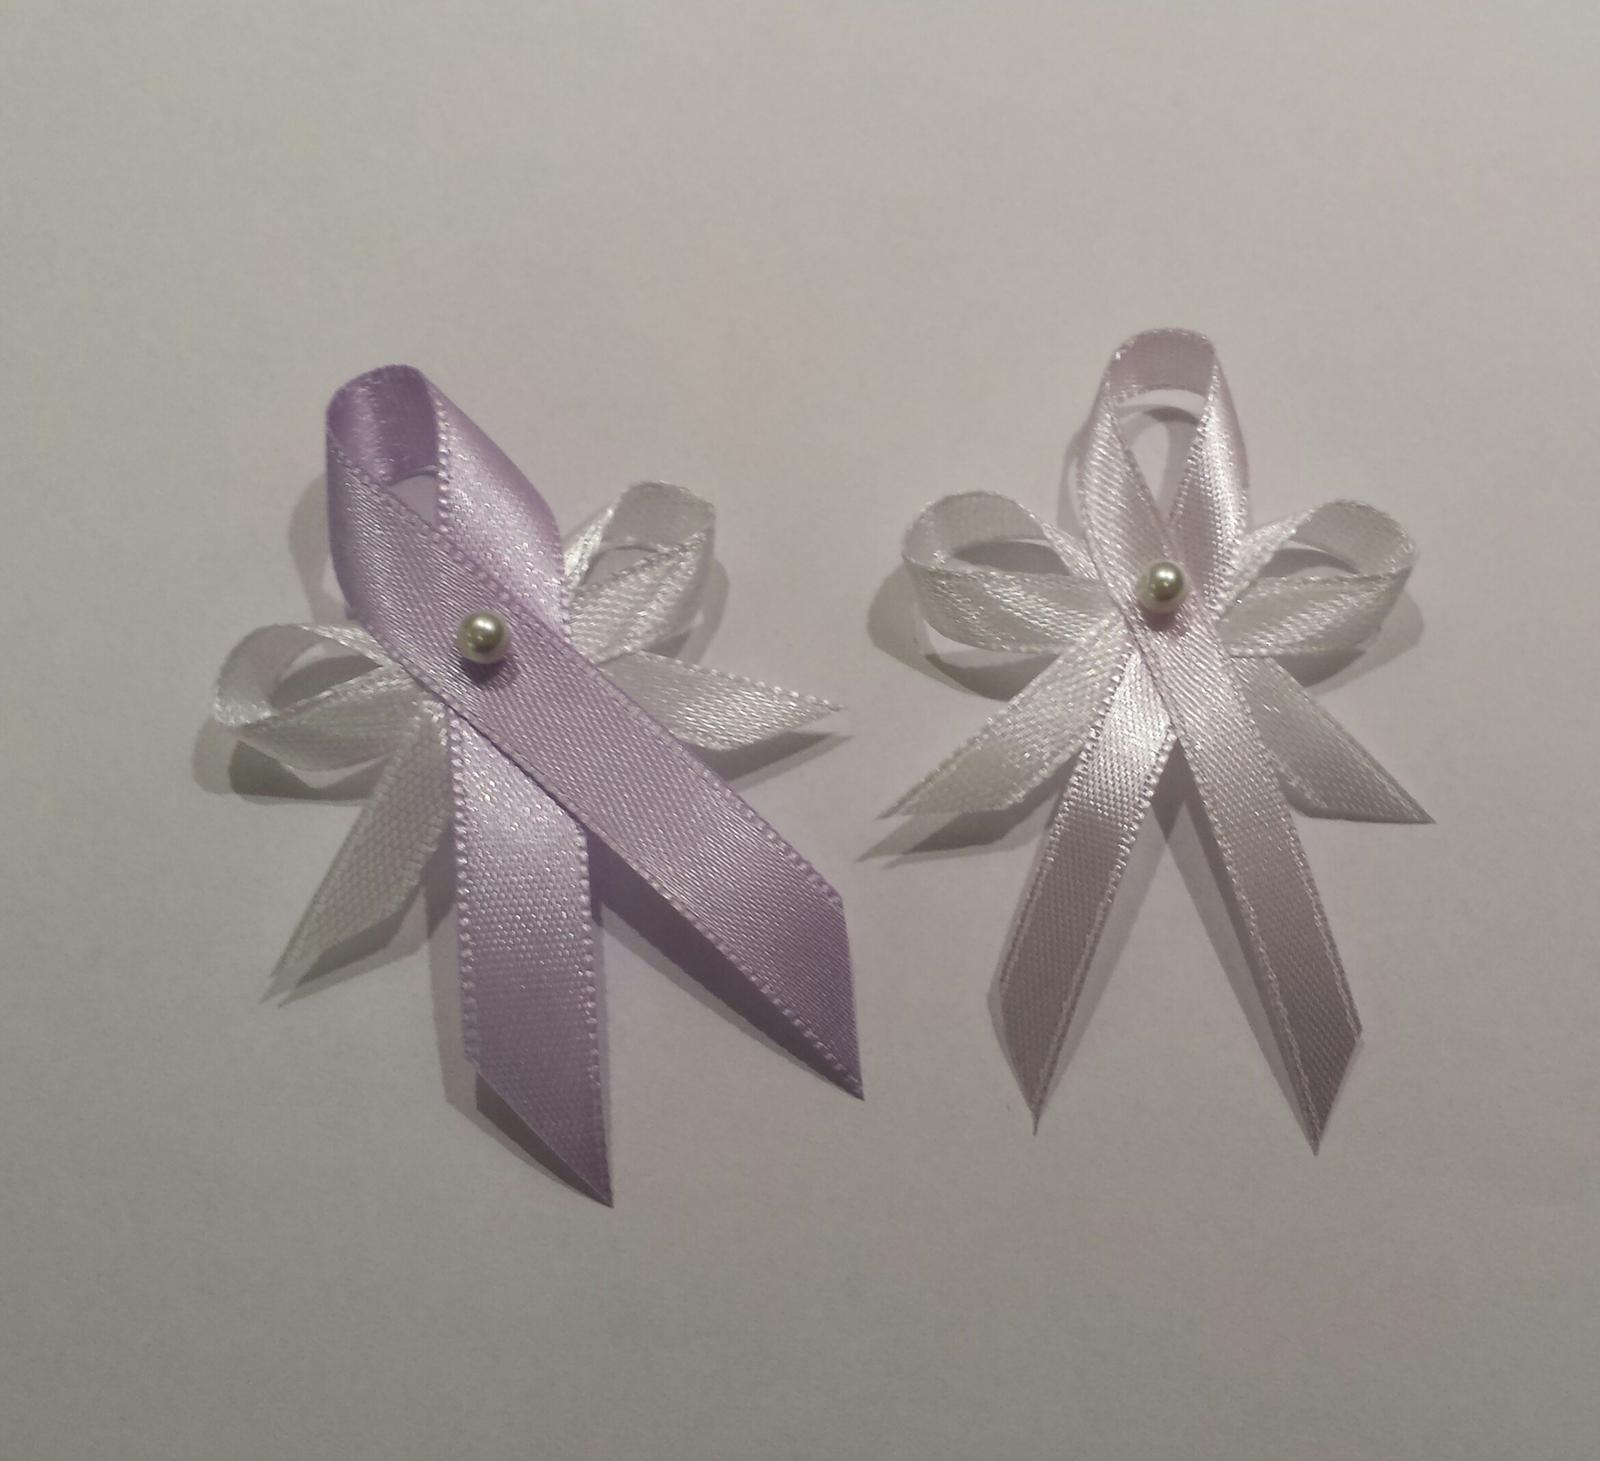 Lila vývazky s perličkou - širší stuha - Obrázek č. 1